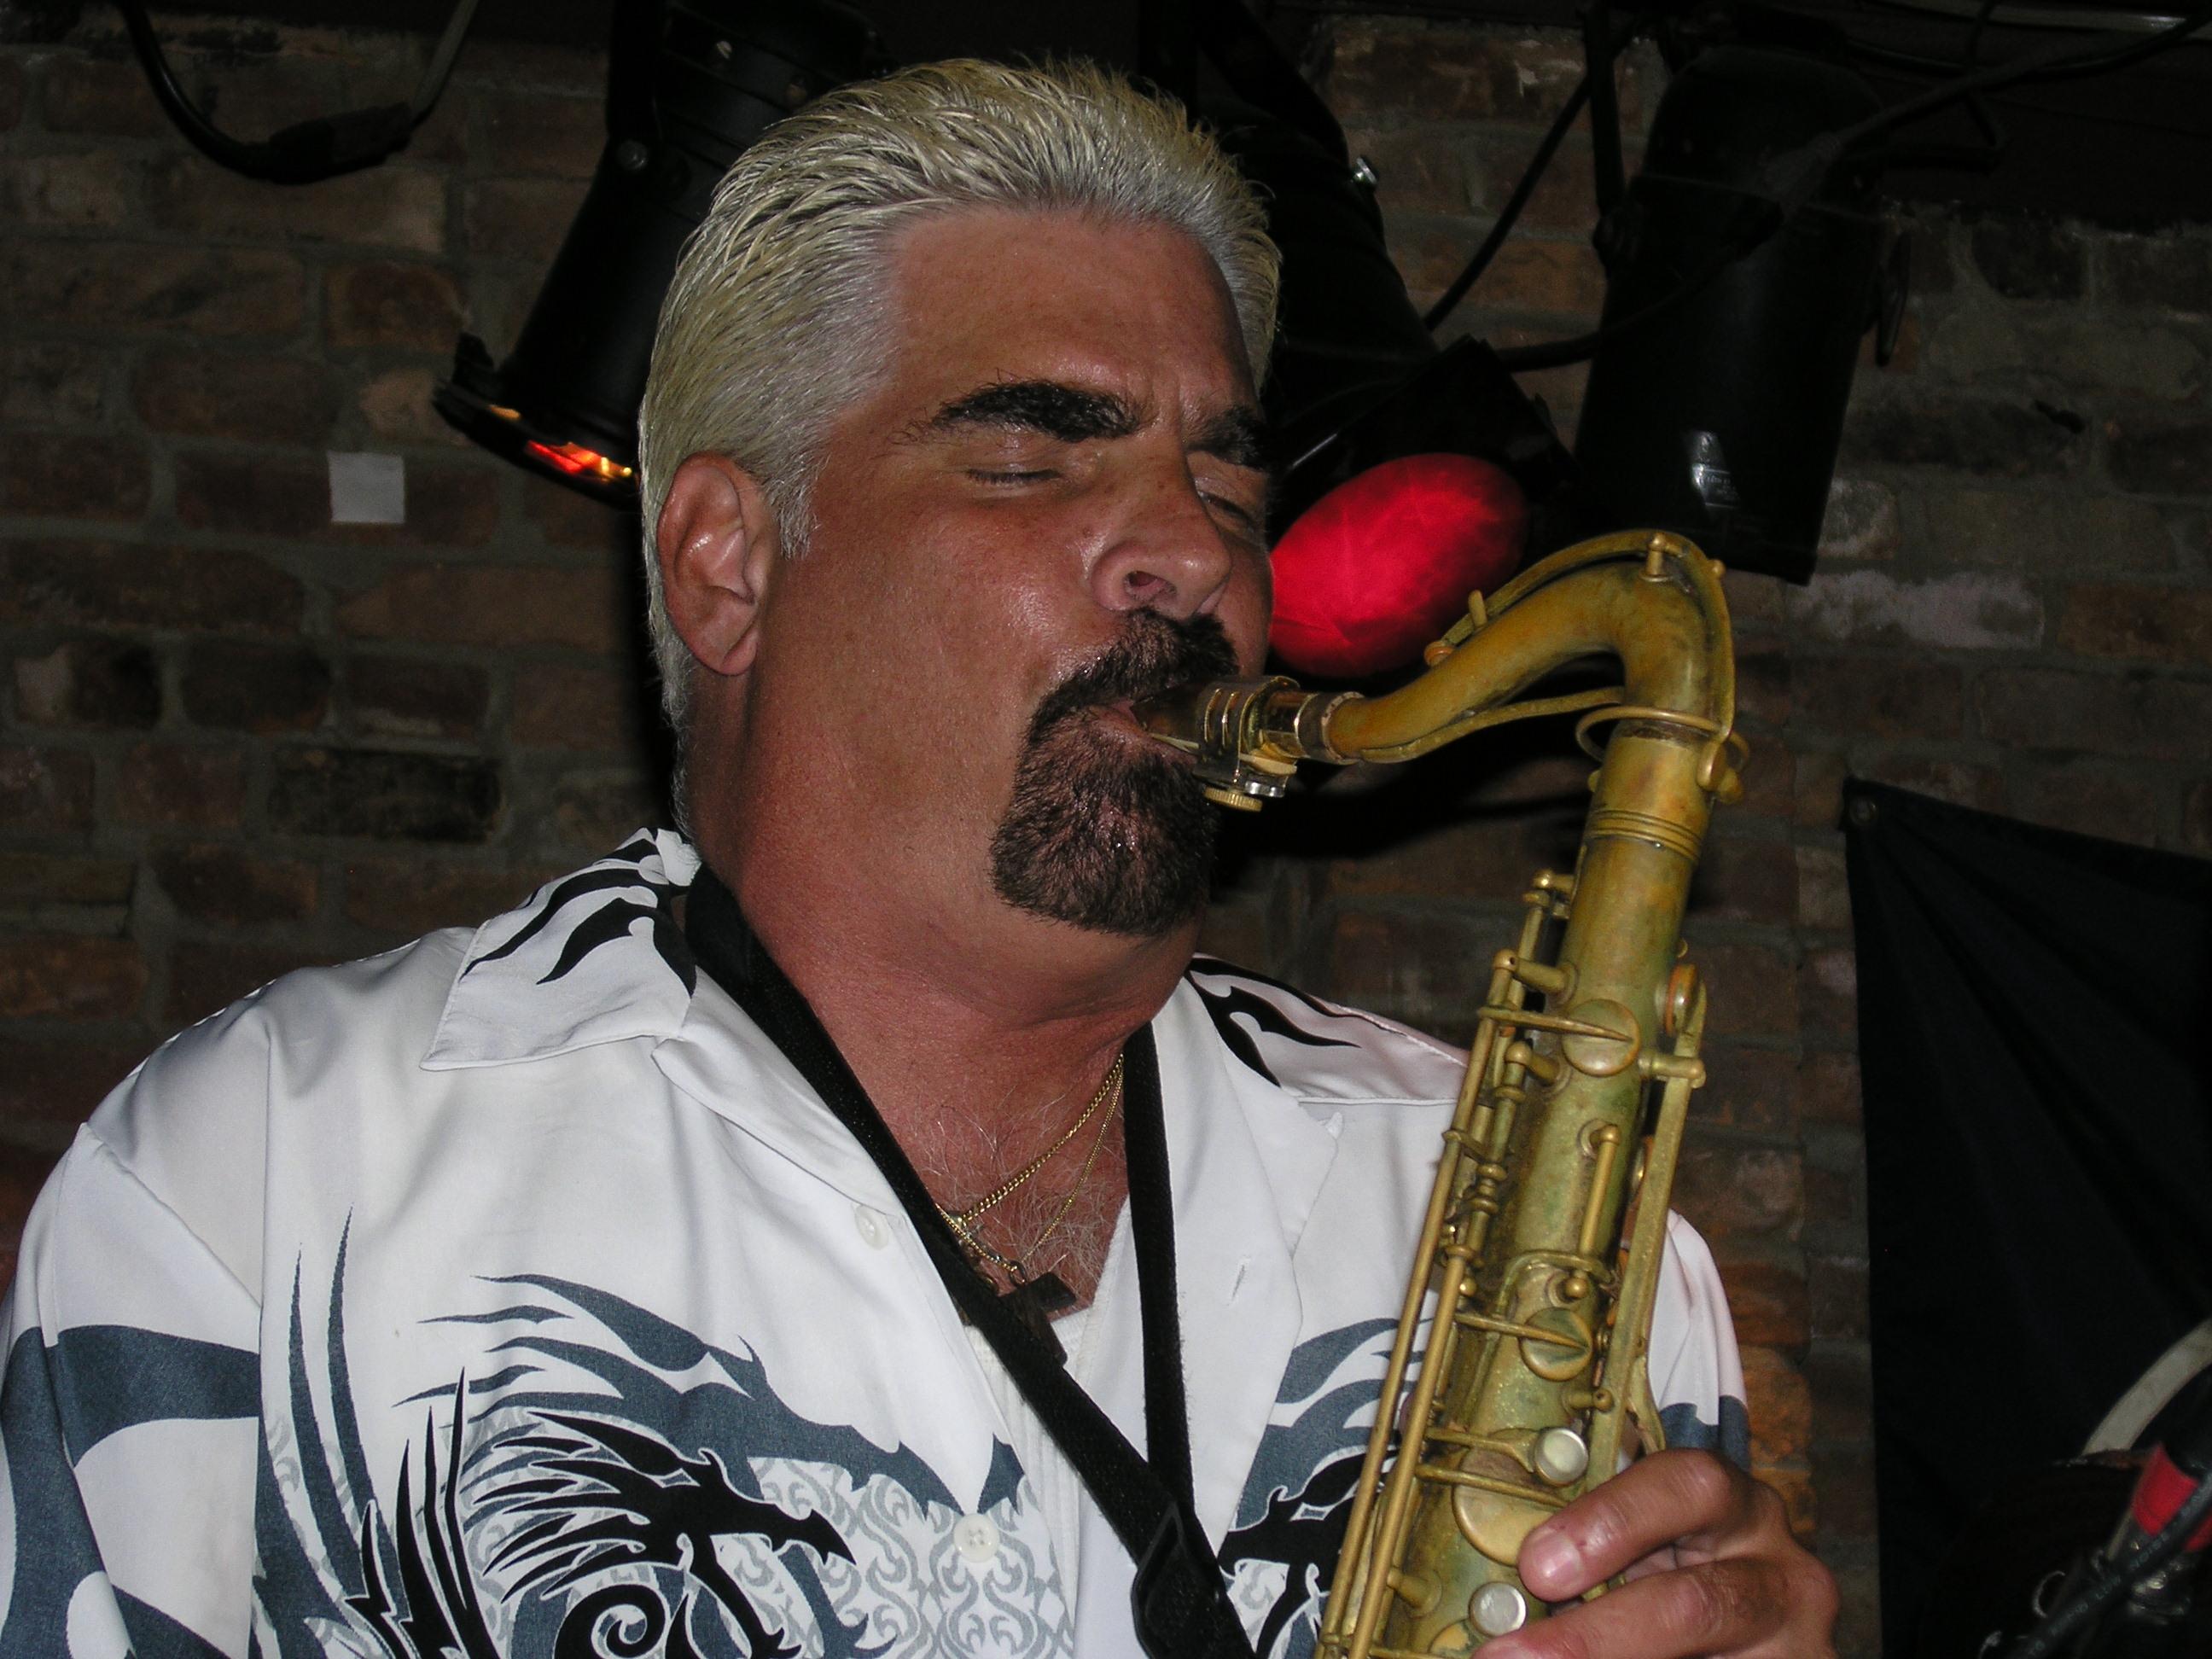 Marty Kersich